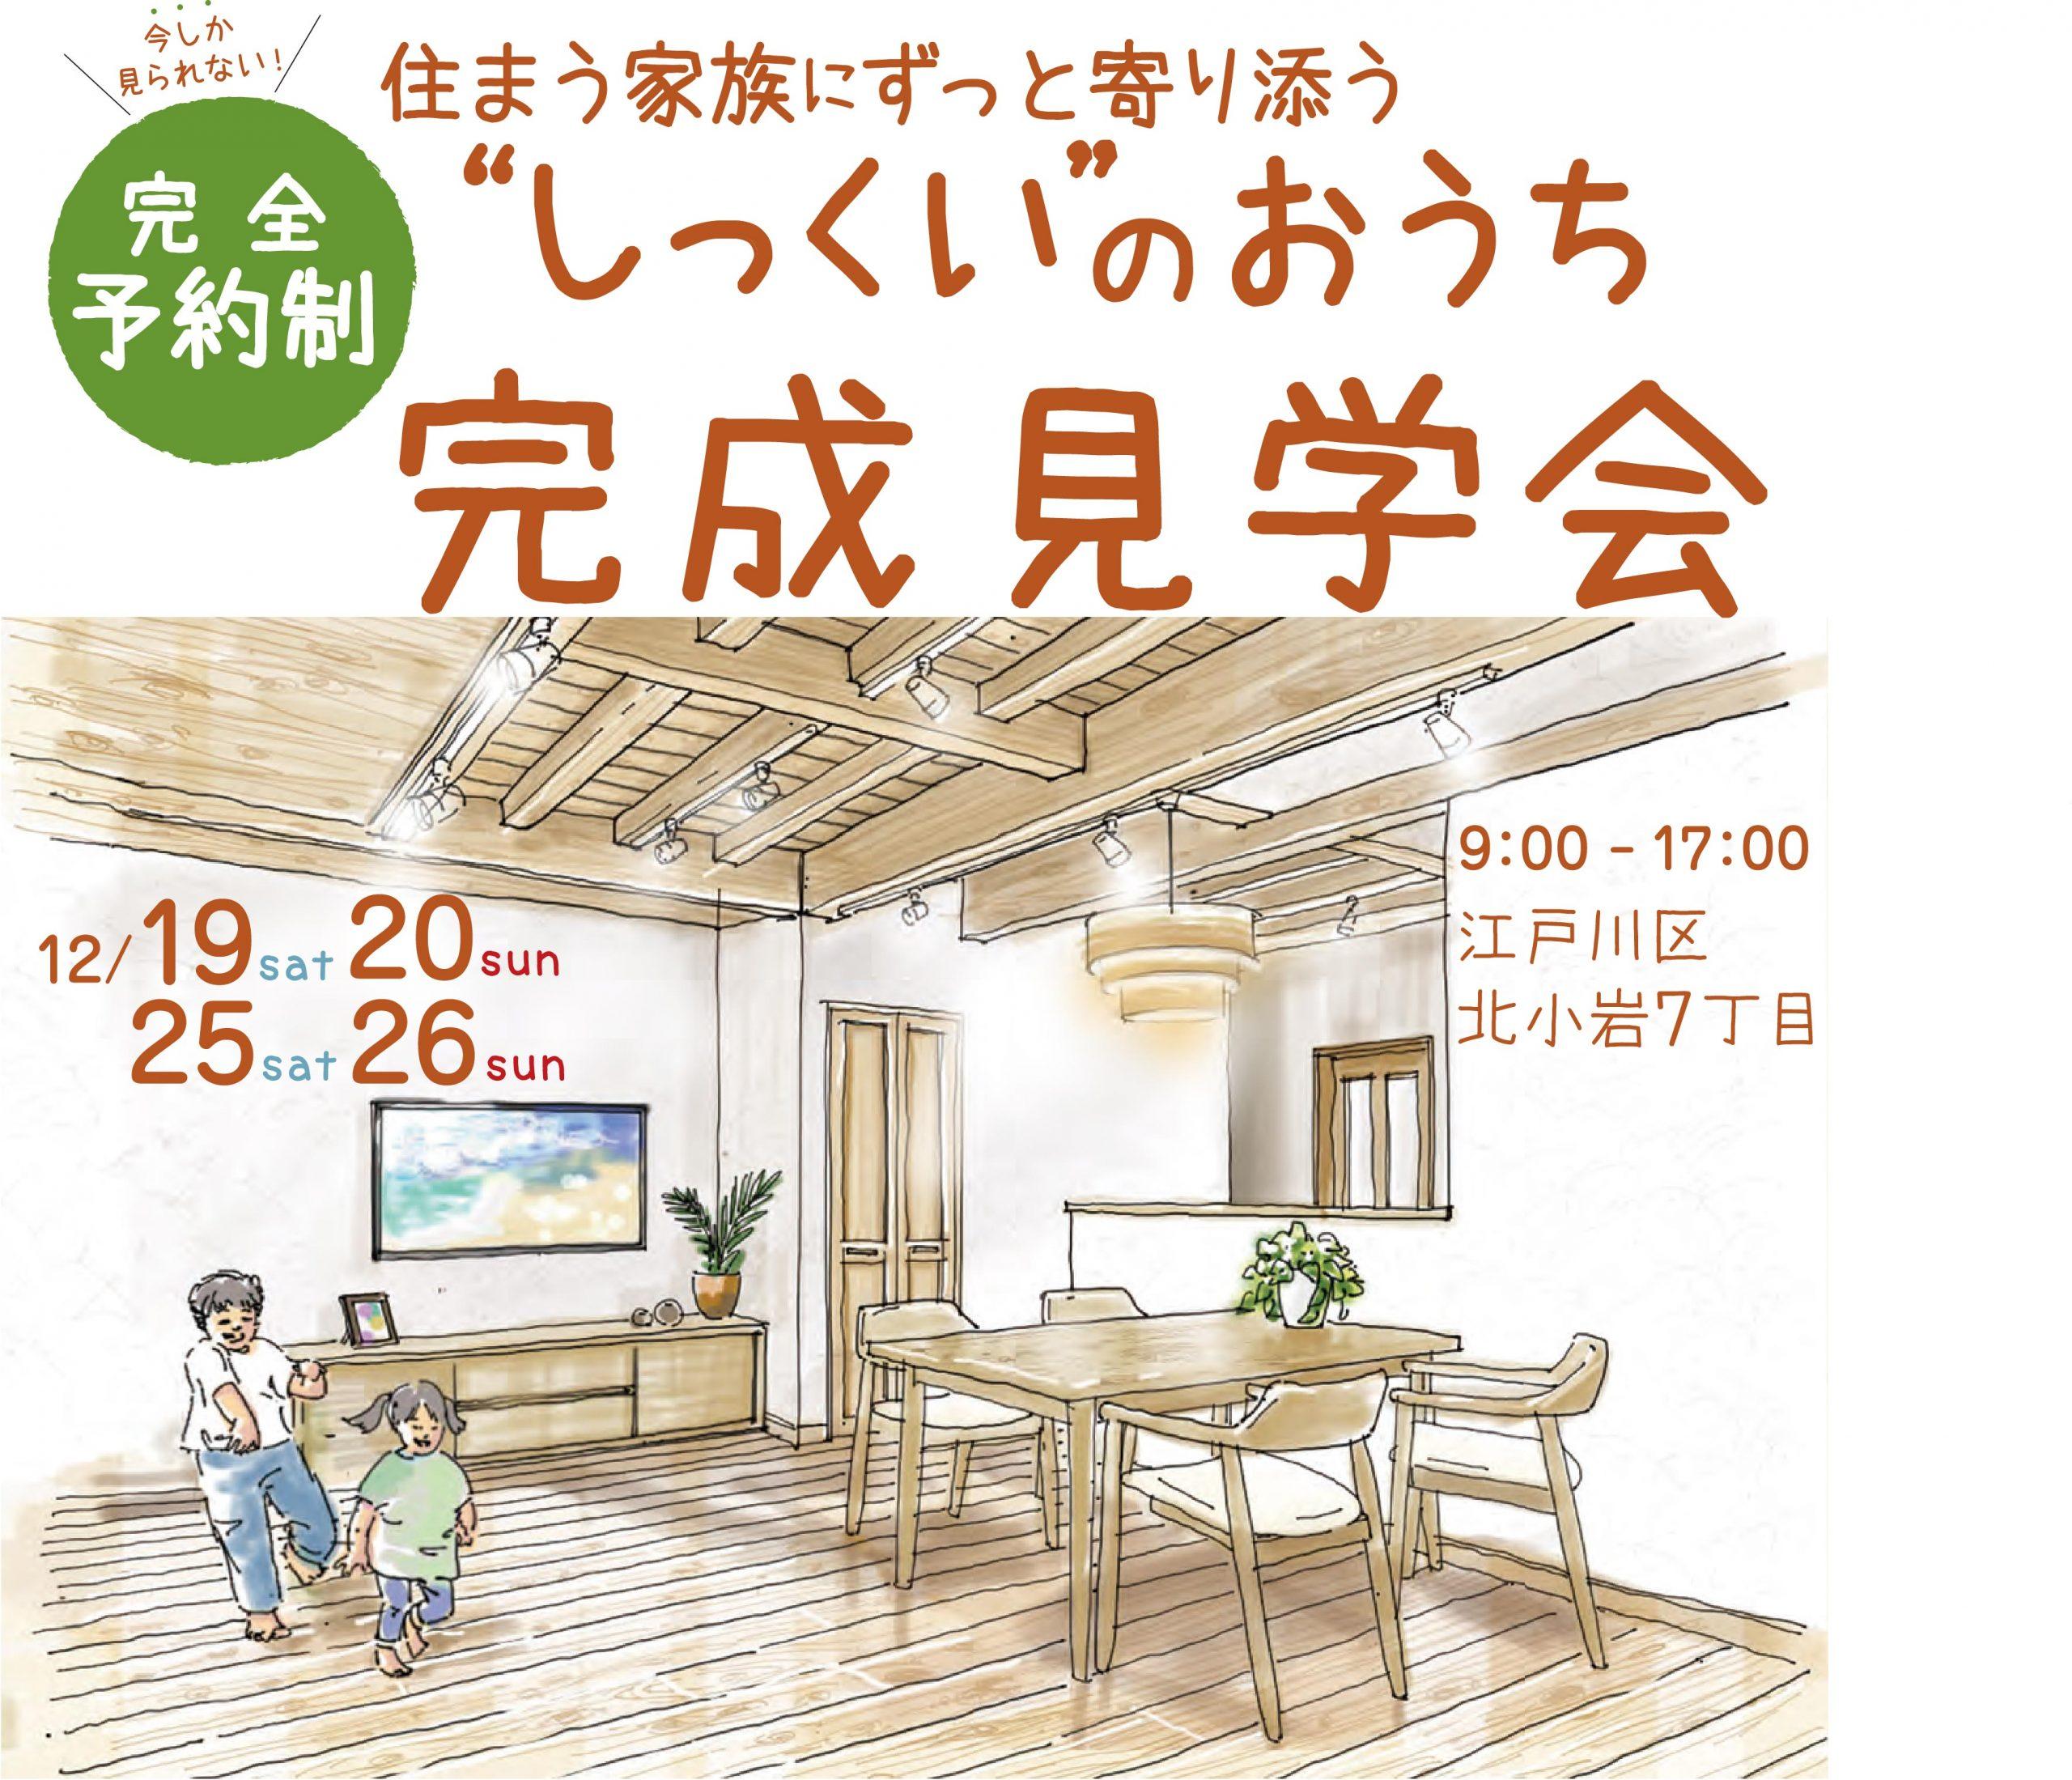 江戸川区で自然素材をふんだんに使用して無垢の木と漆喰で作る注文住宅を建てる工務店ニットー住宅 あらわし天井のお家